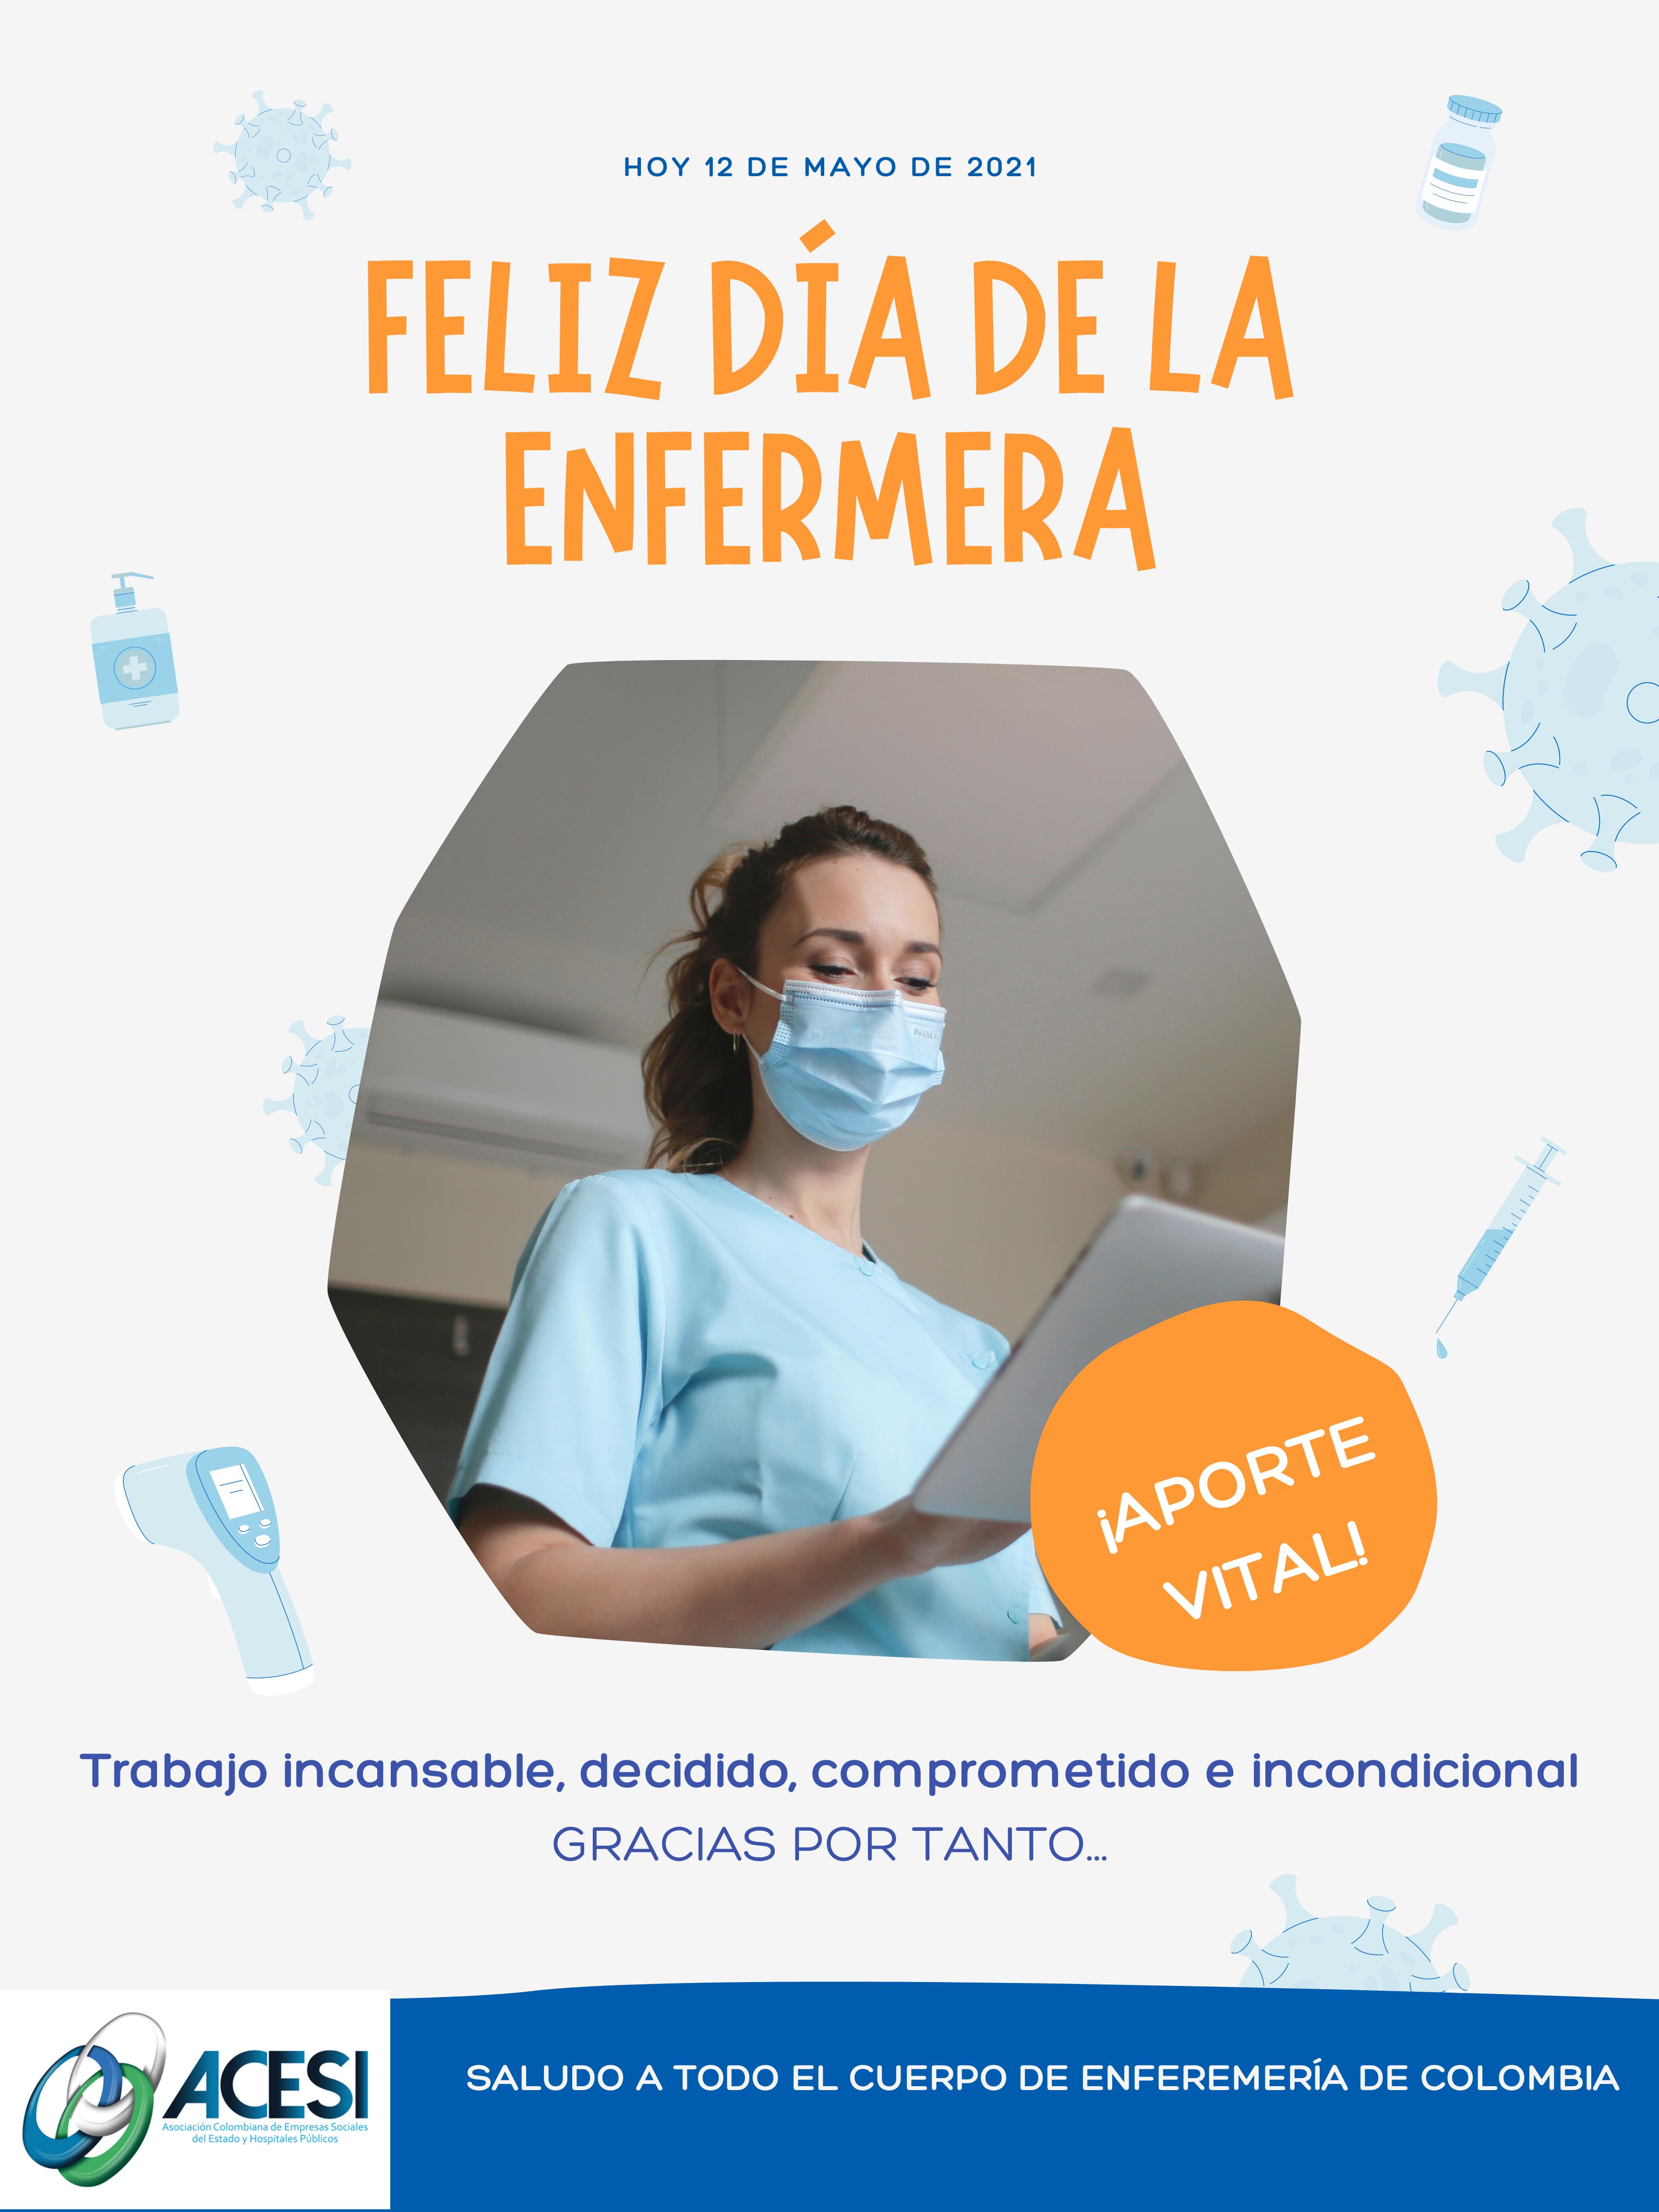 Feliz Día de la enfermera